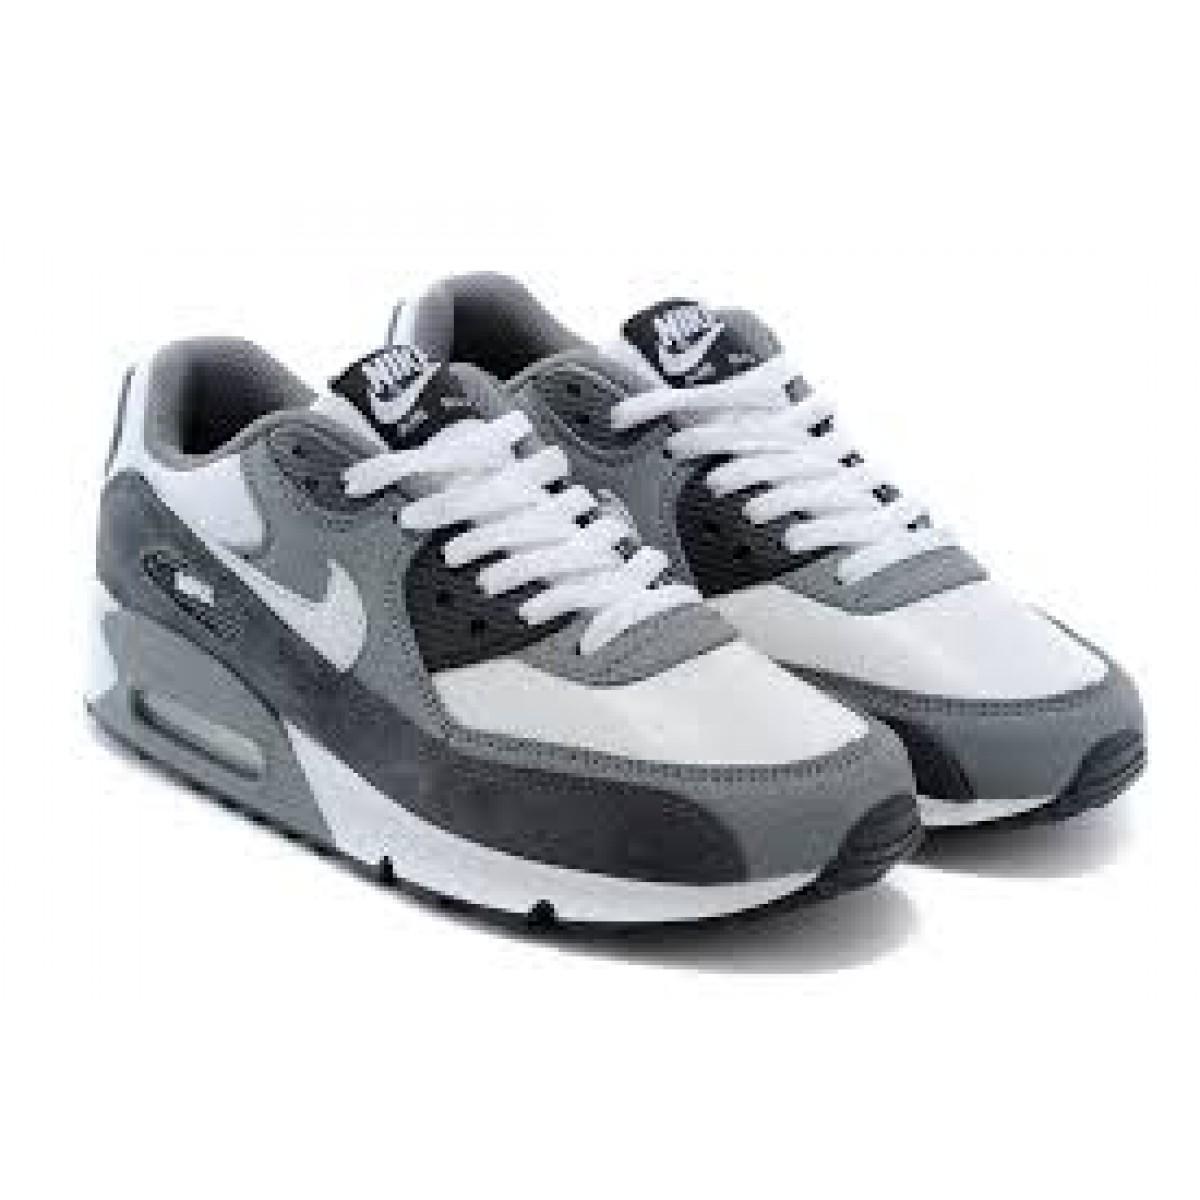 Achat / Vente produits Nike Air Max 90 Femme Grise,Nike Air Max 90 ...